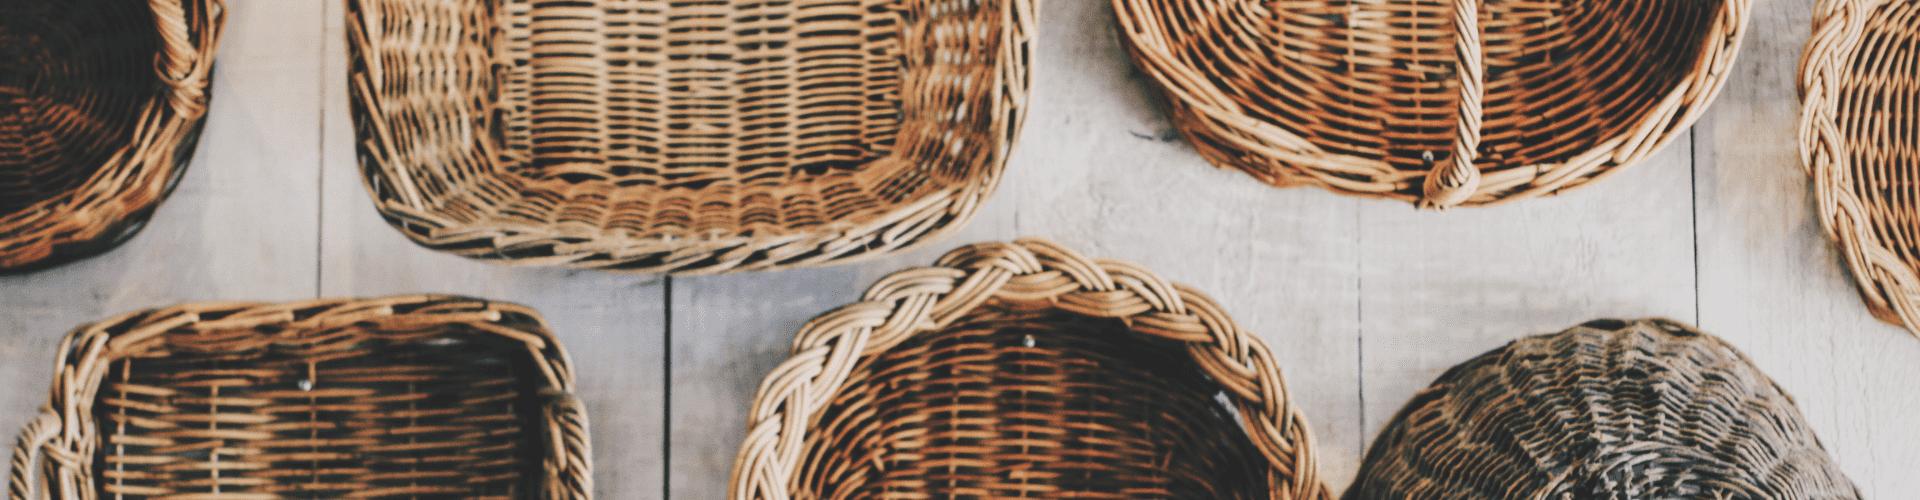 Paniers, corbeilles et porte-bouteilles